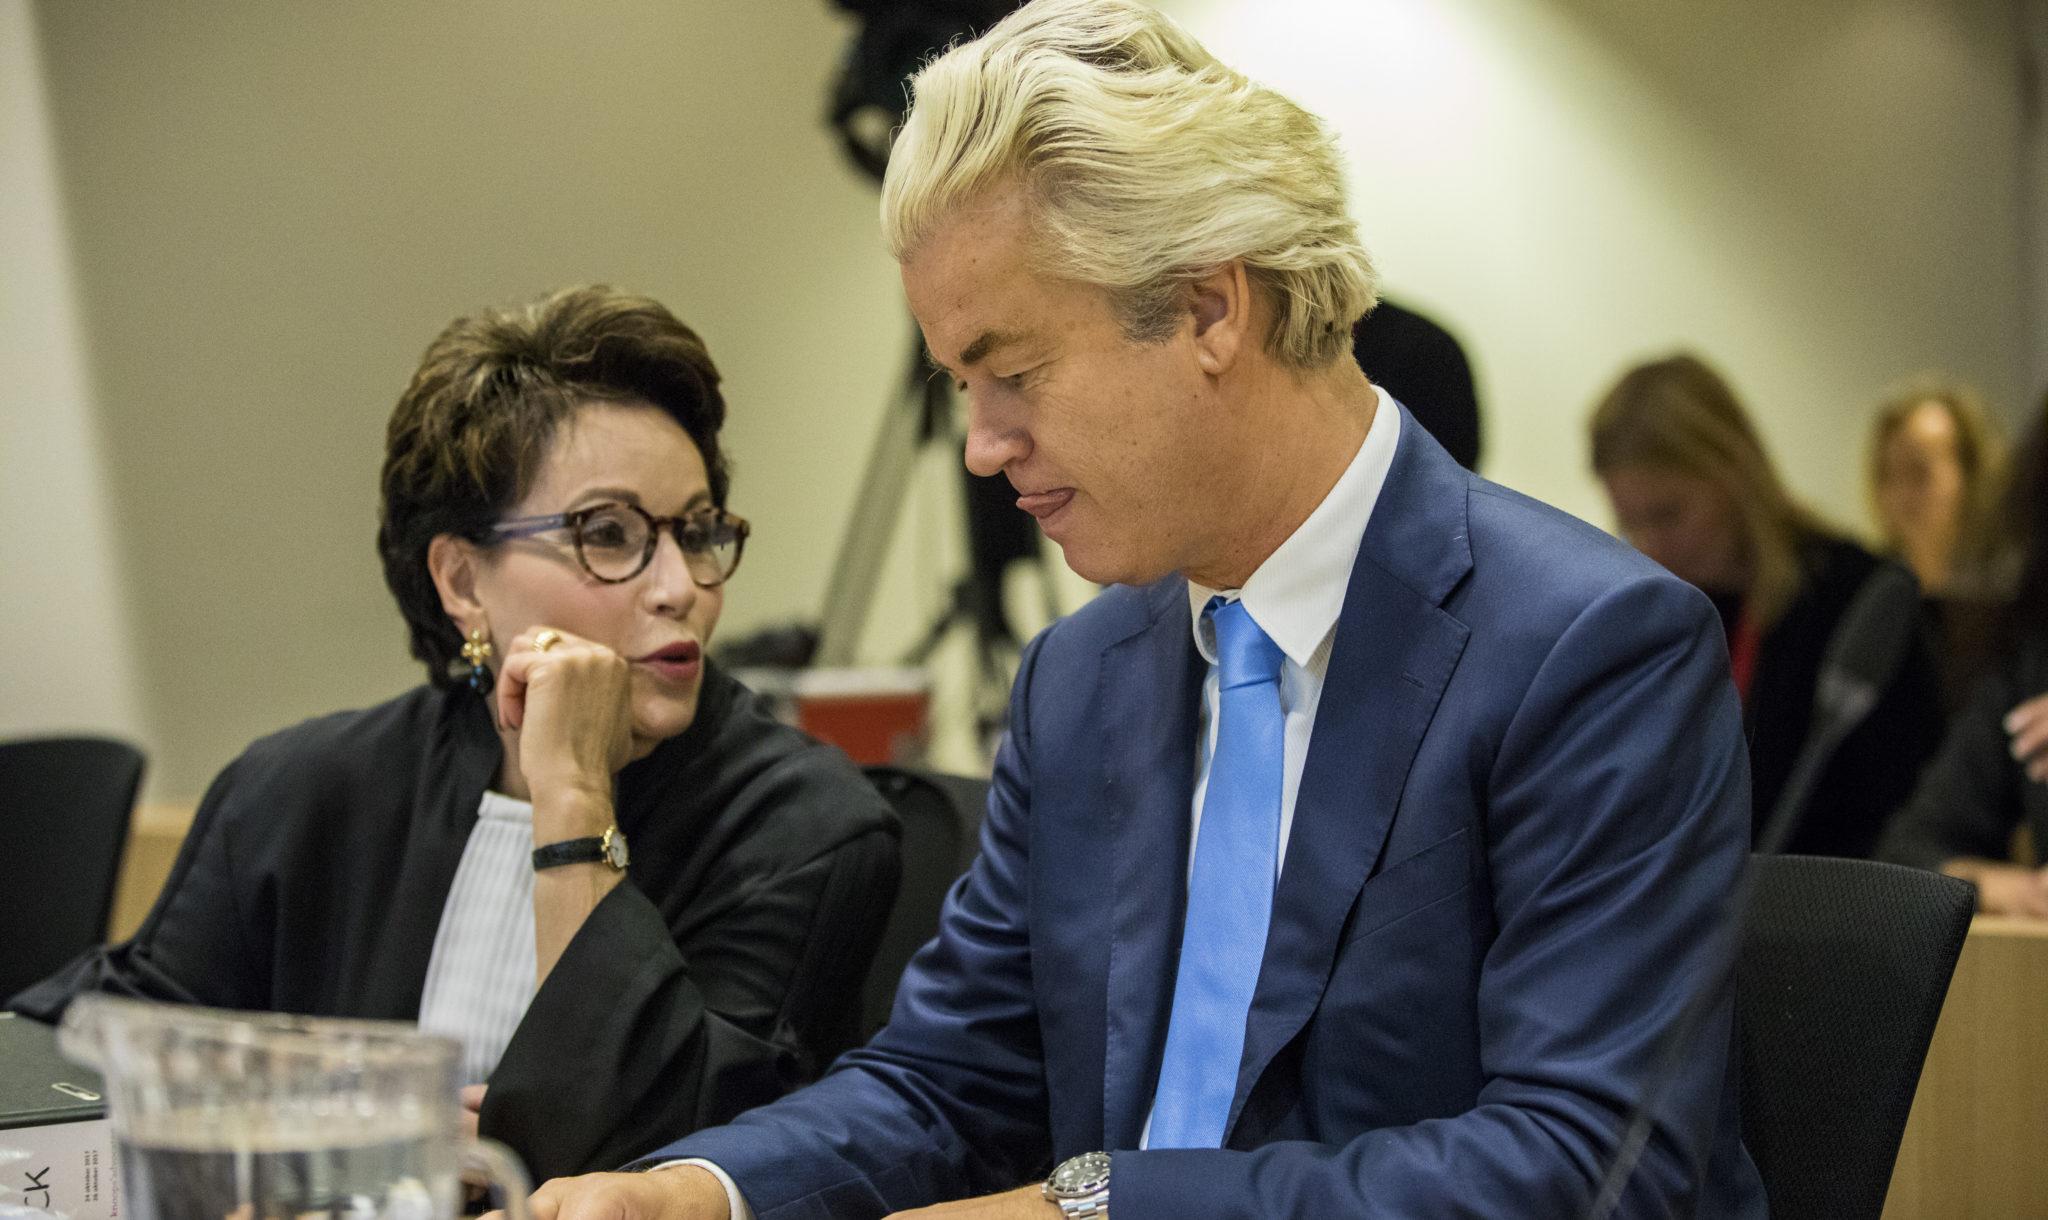 beoordeling datingsites hollands kroon